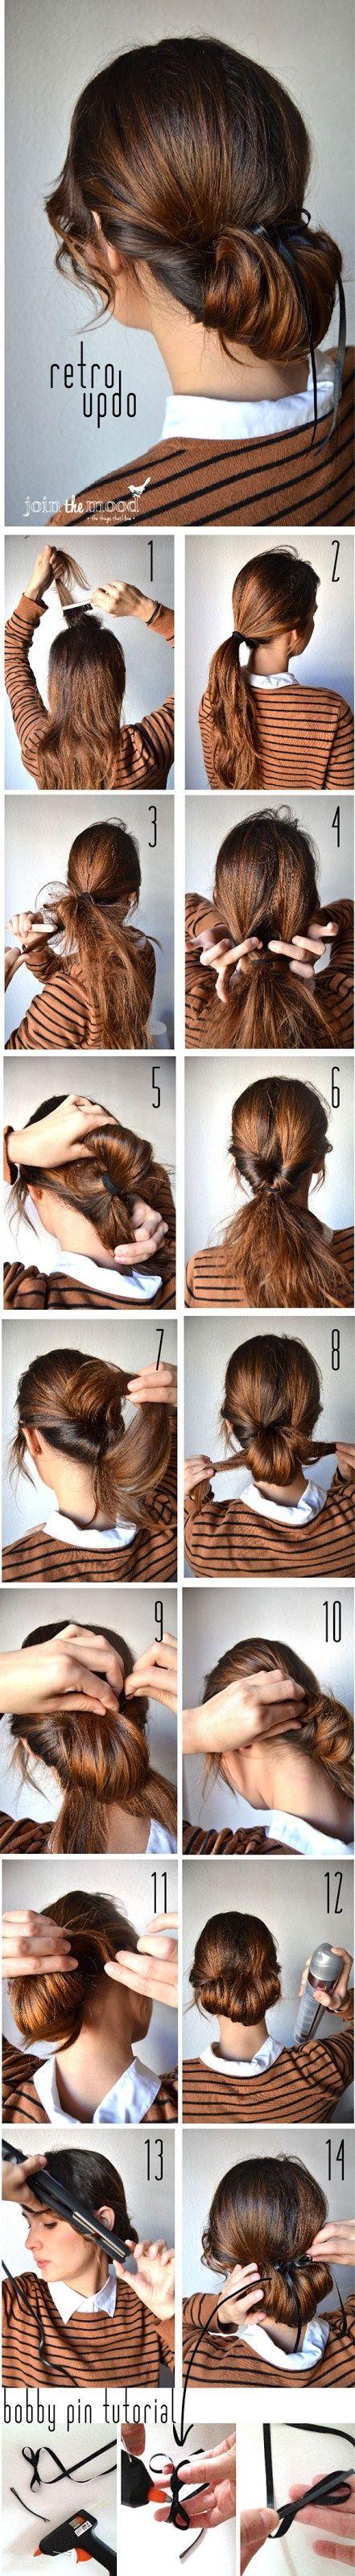 Up-do for long hair